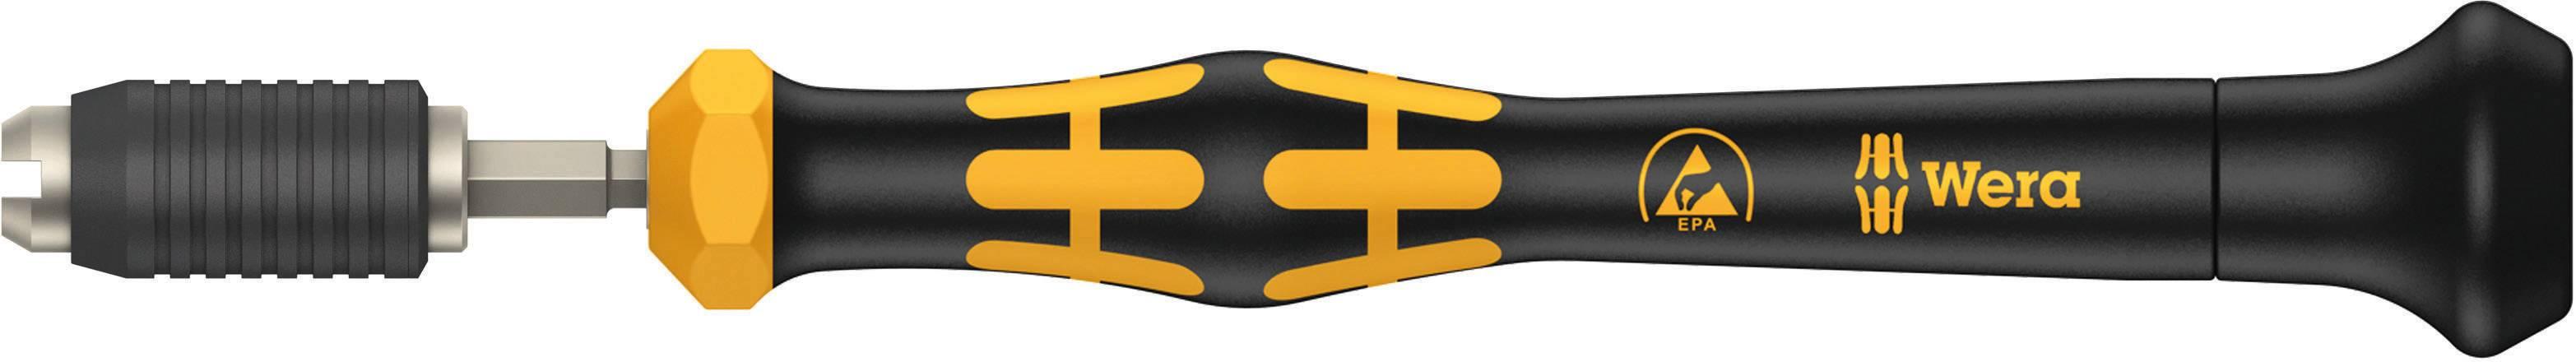 Momentový skrutkovač Wera 1460 05074800001, 0.02 - 0.06 Nm